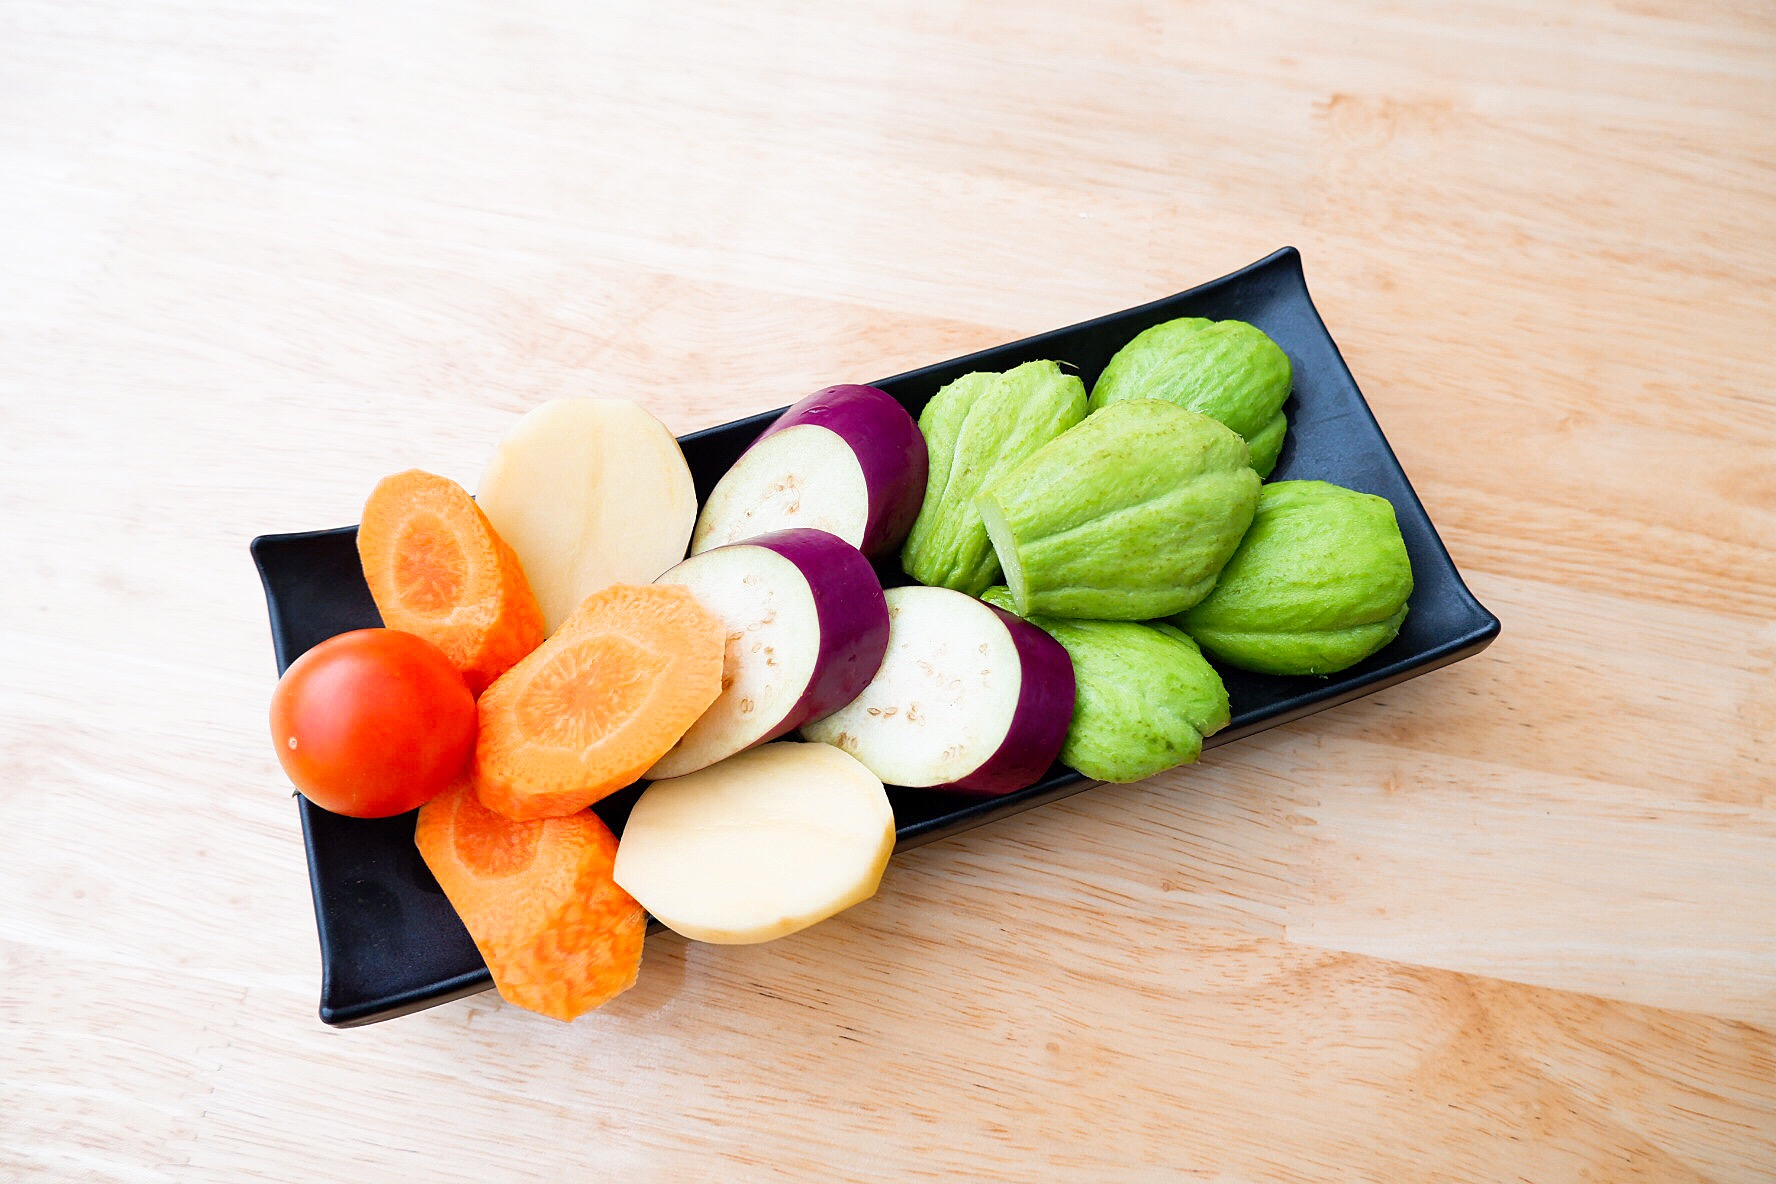 Các loại rau, củ, quả nhúng lẩu